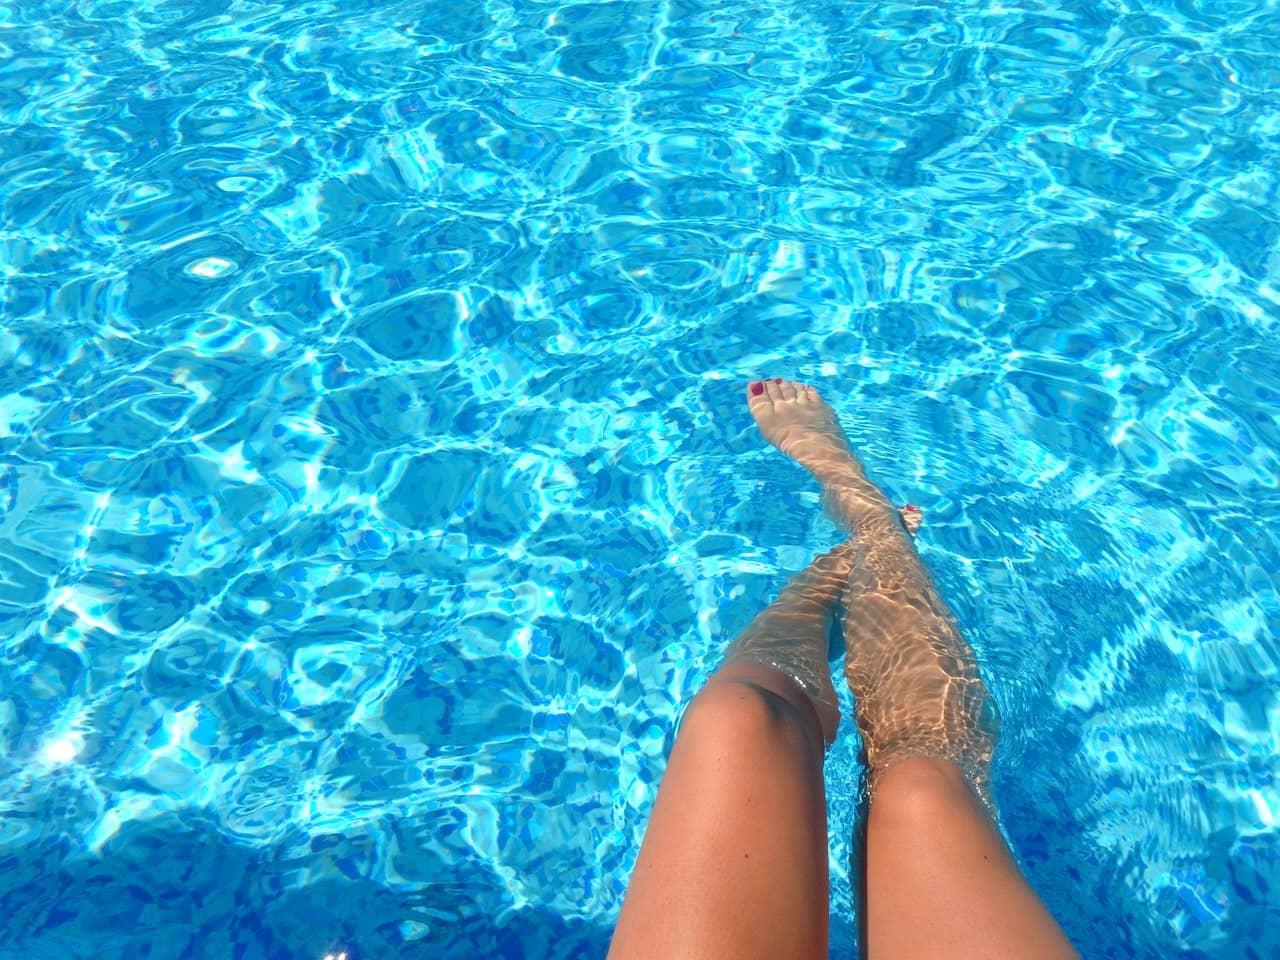 comment nettoyer sa piscine